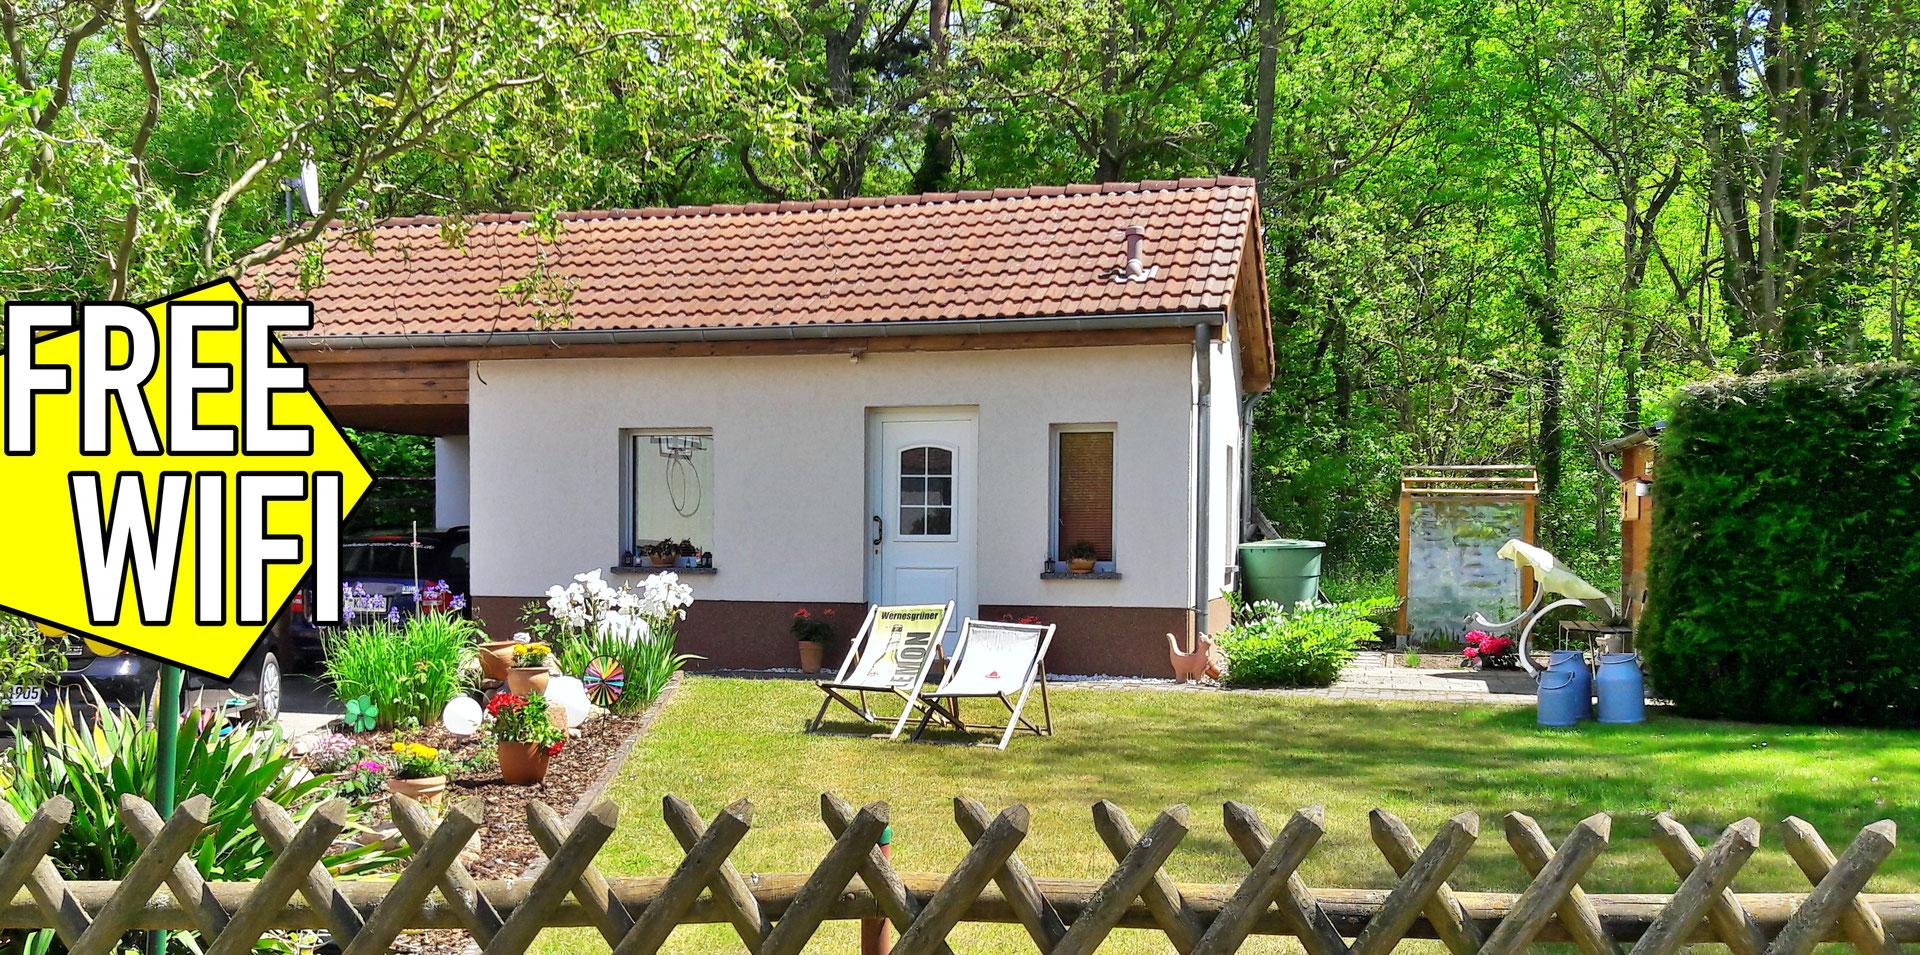 (c) Ferienhaus-zesch-am-see.de